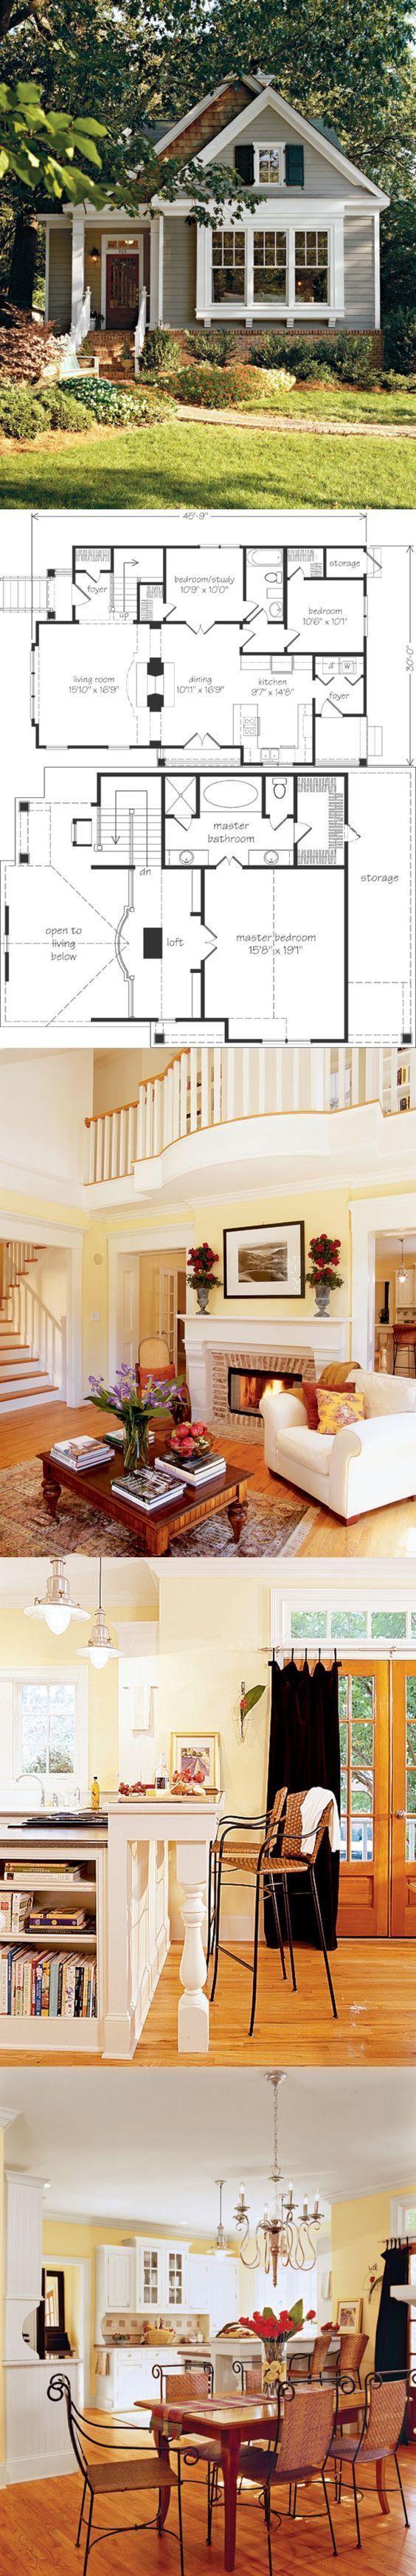 Innenarchitektur wohnzimmer grundrisse beautiful small house floor plan inspiration decor floorplan